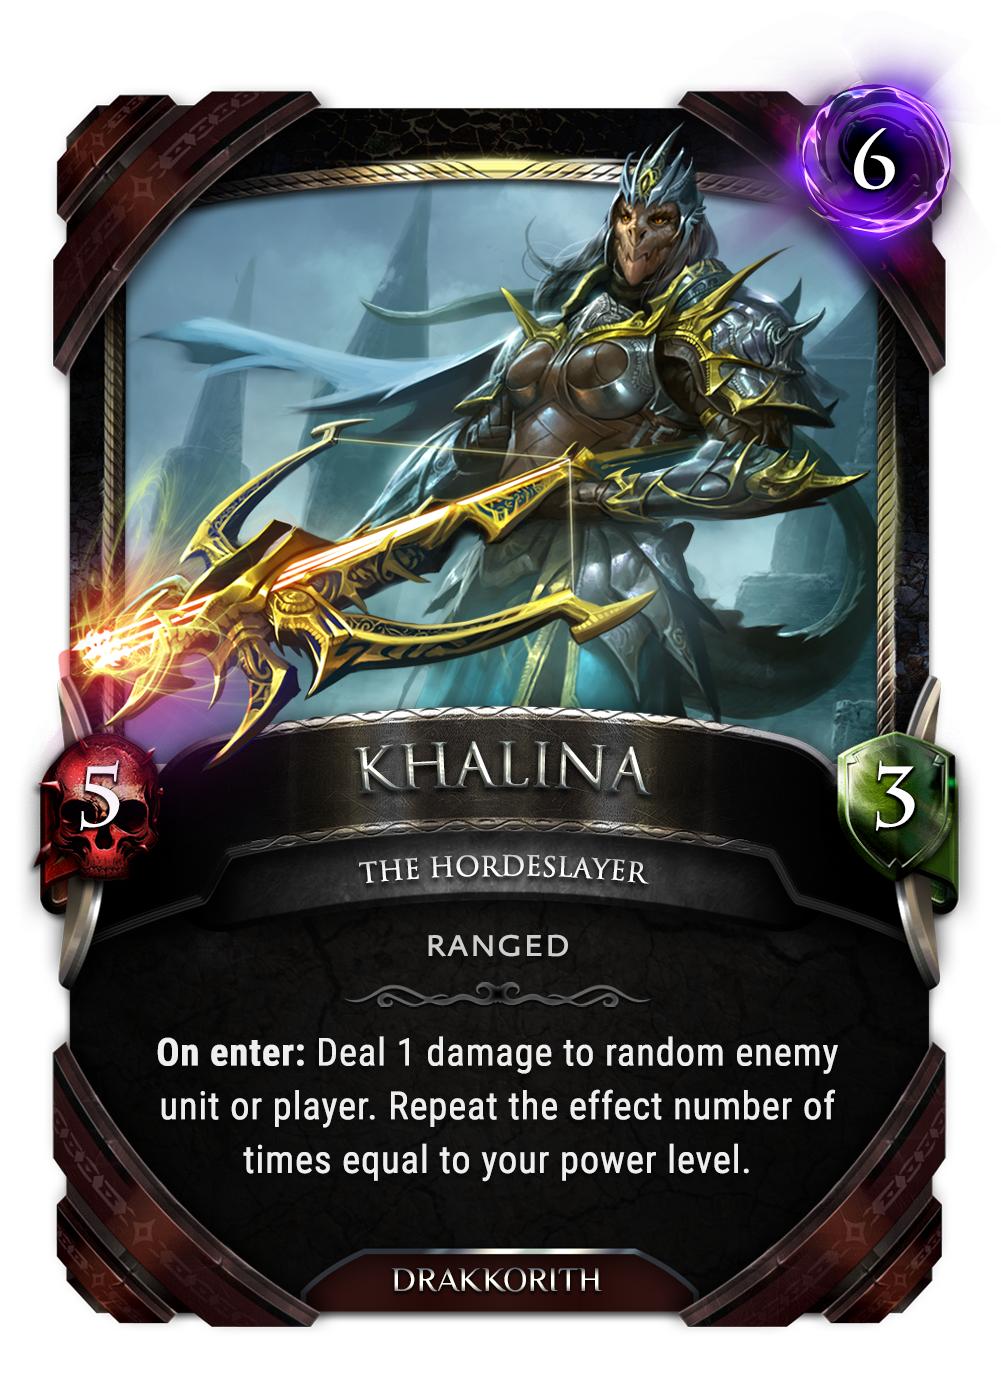 Khalina card